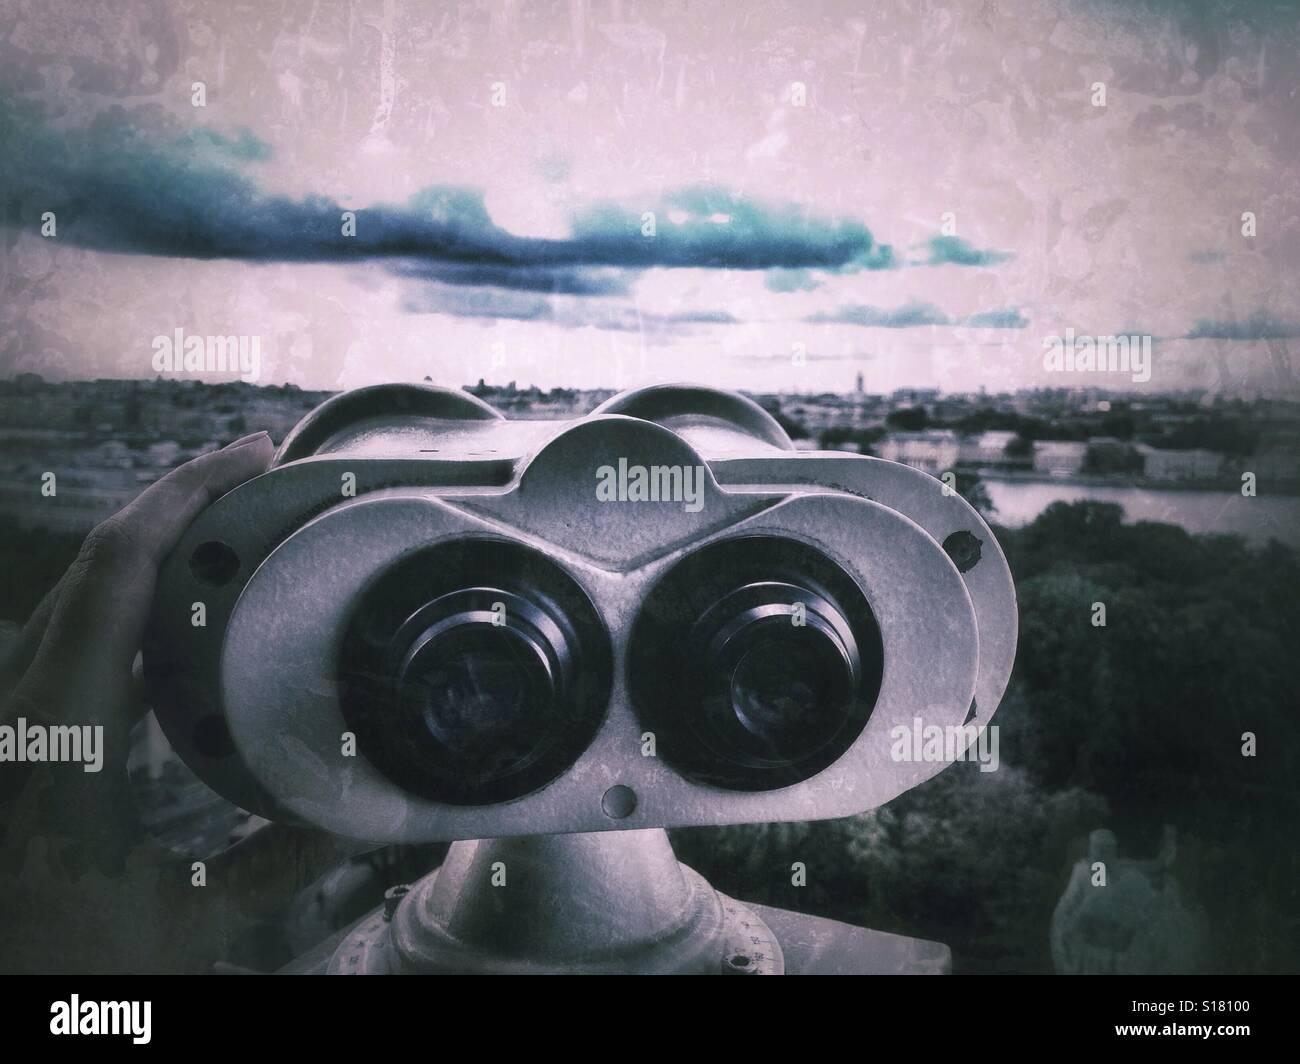 Binocular - Stock Image